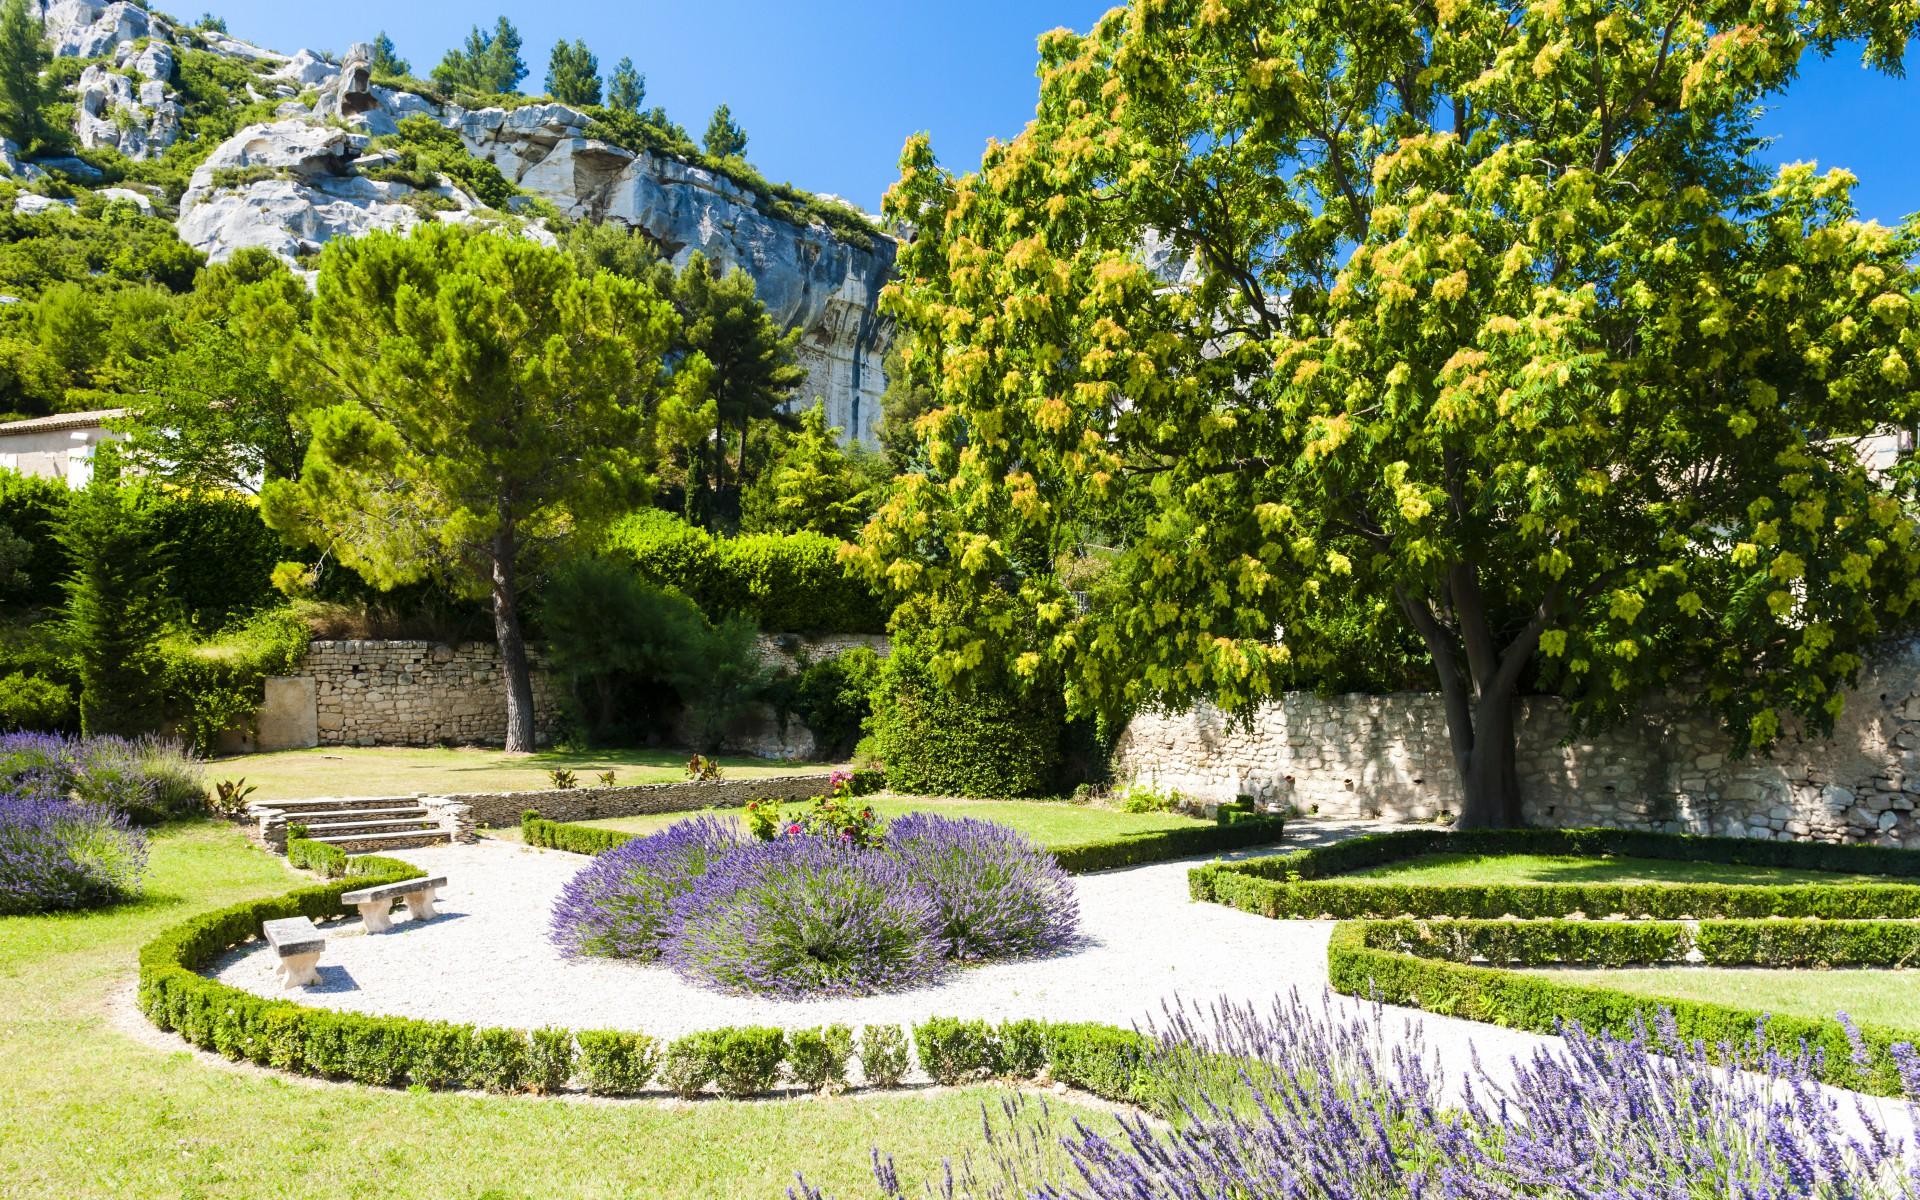 Garten Provence lavendel augenweide in jedem garten garten europa